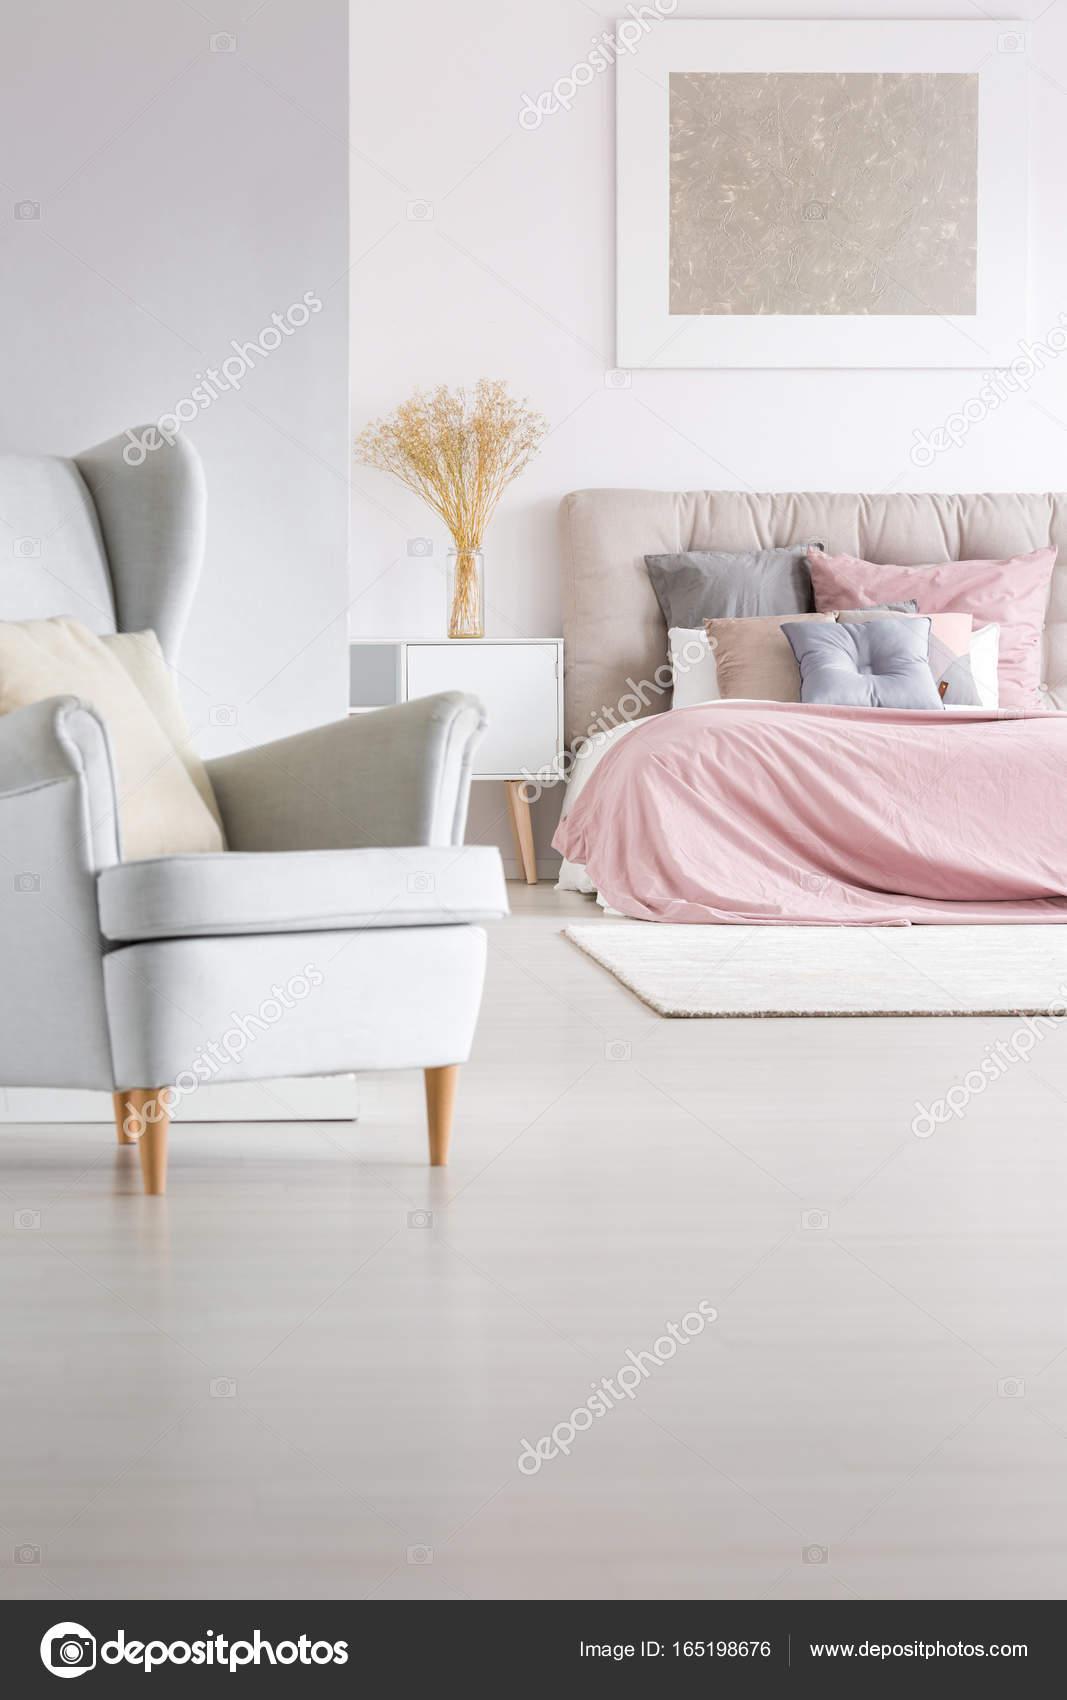 Szary Fotel W Sypialni Modna Zdjęcie Stockowe